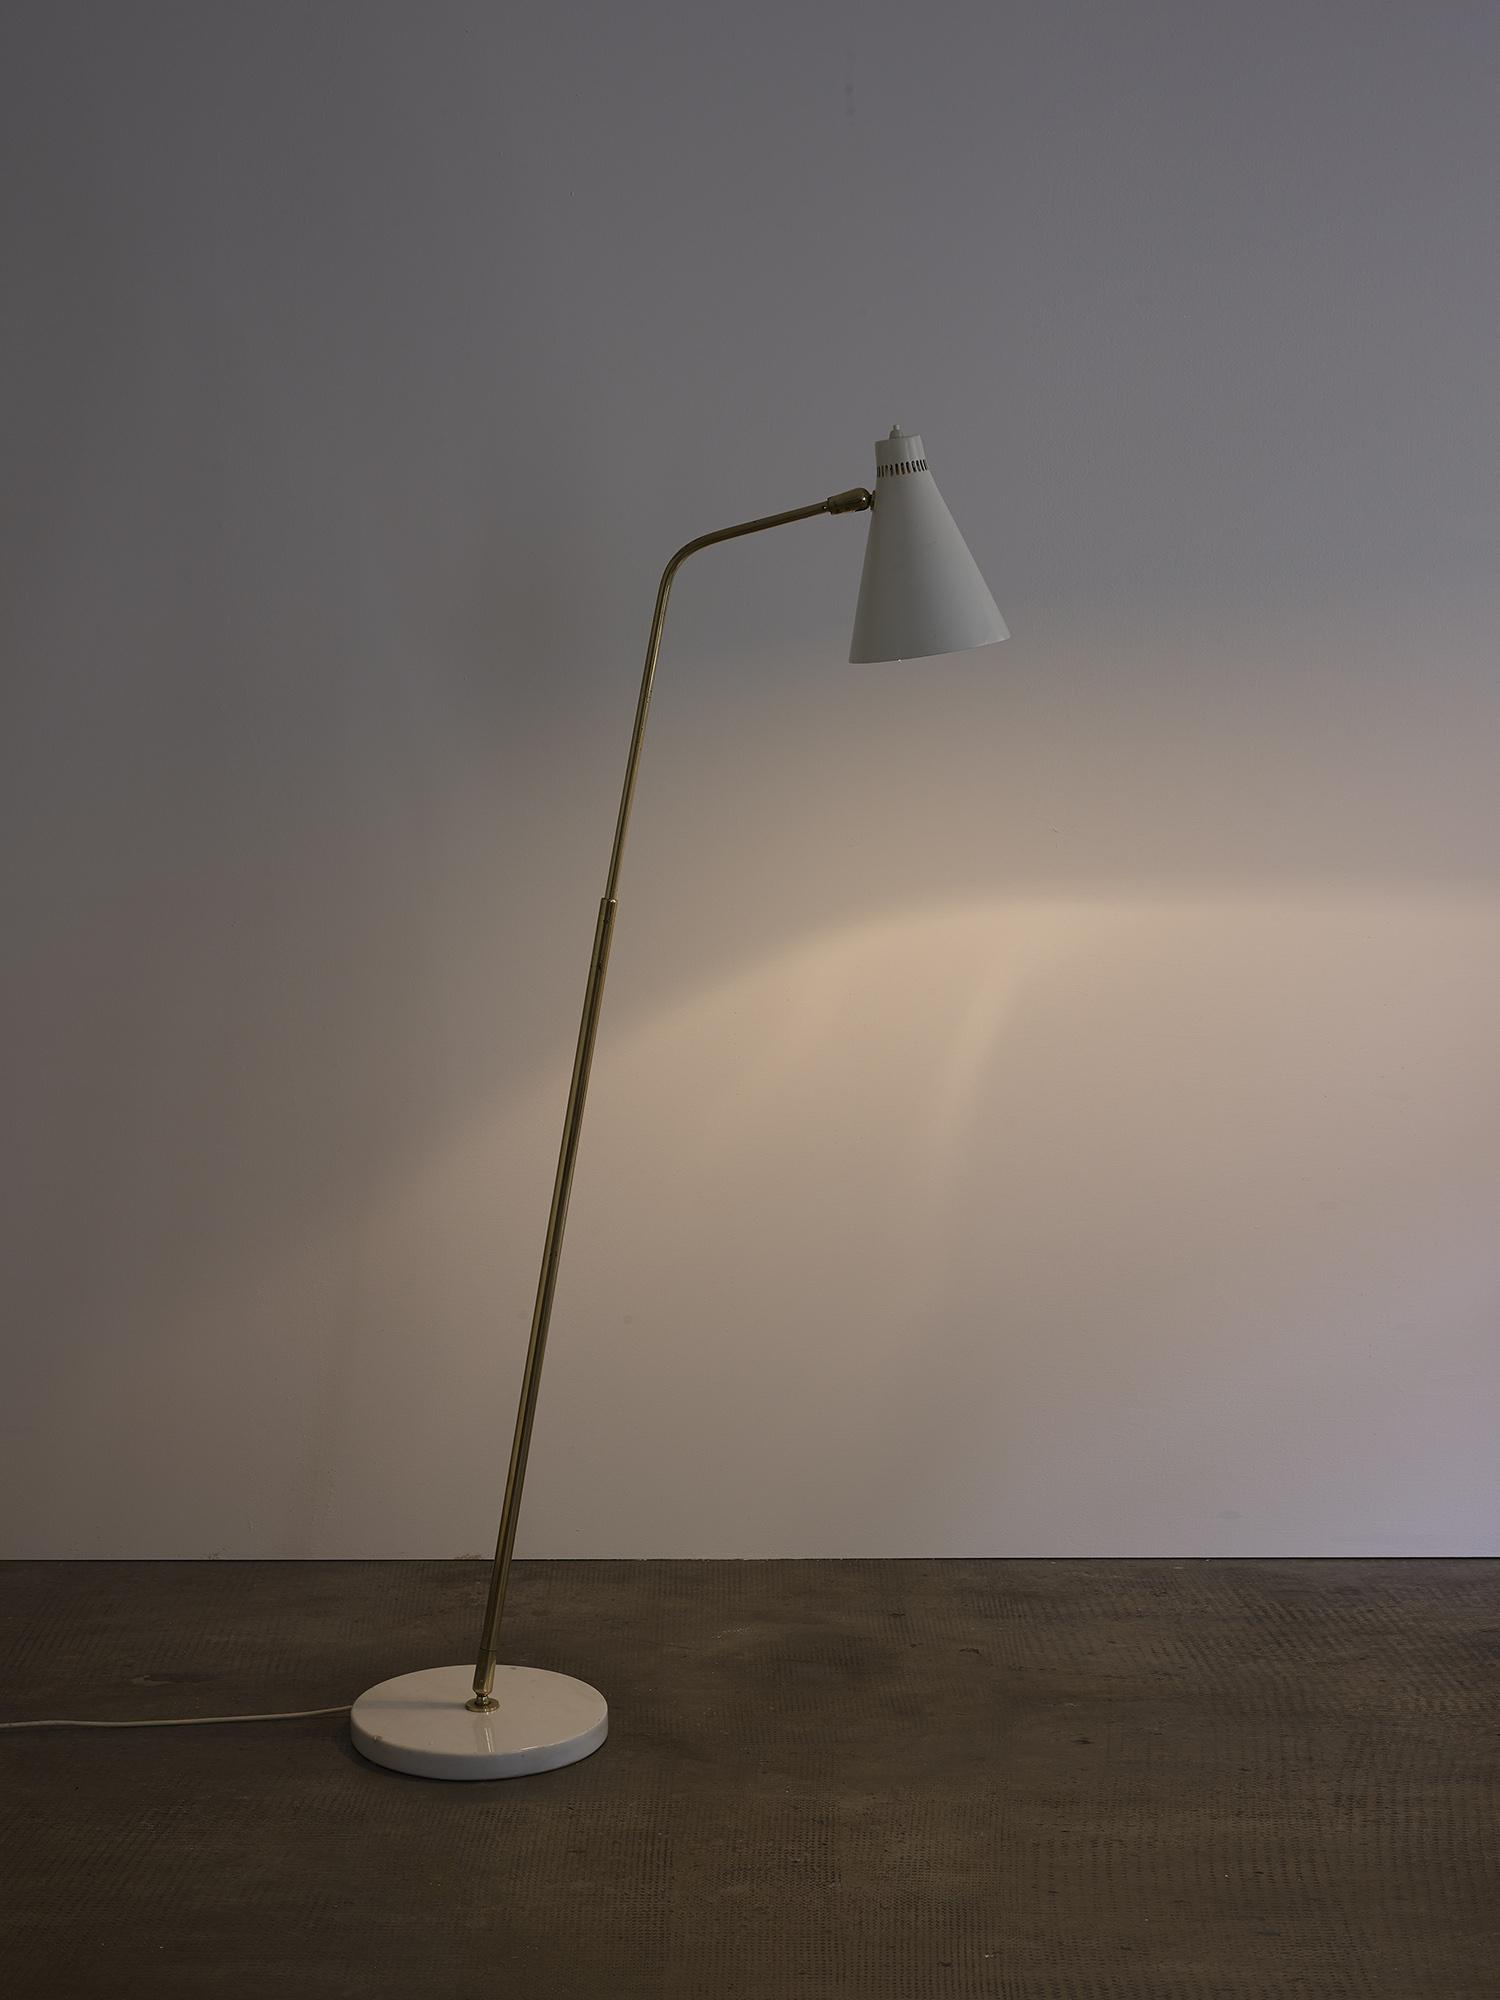 lampe-de-sol-de-giuseppe-ostuni-mod-301-oluce-image-01